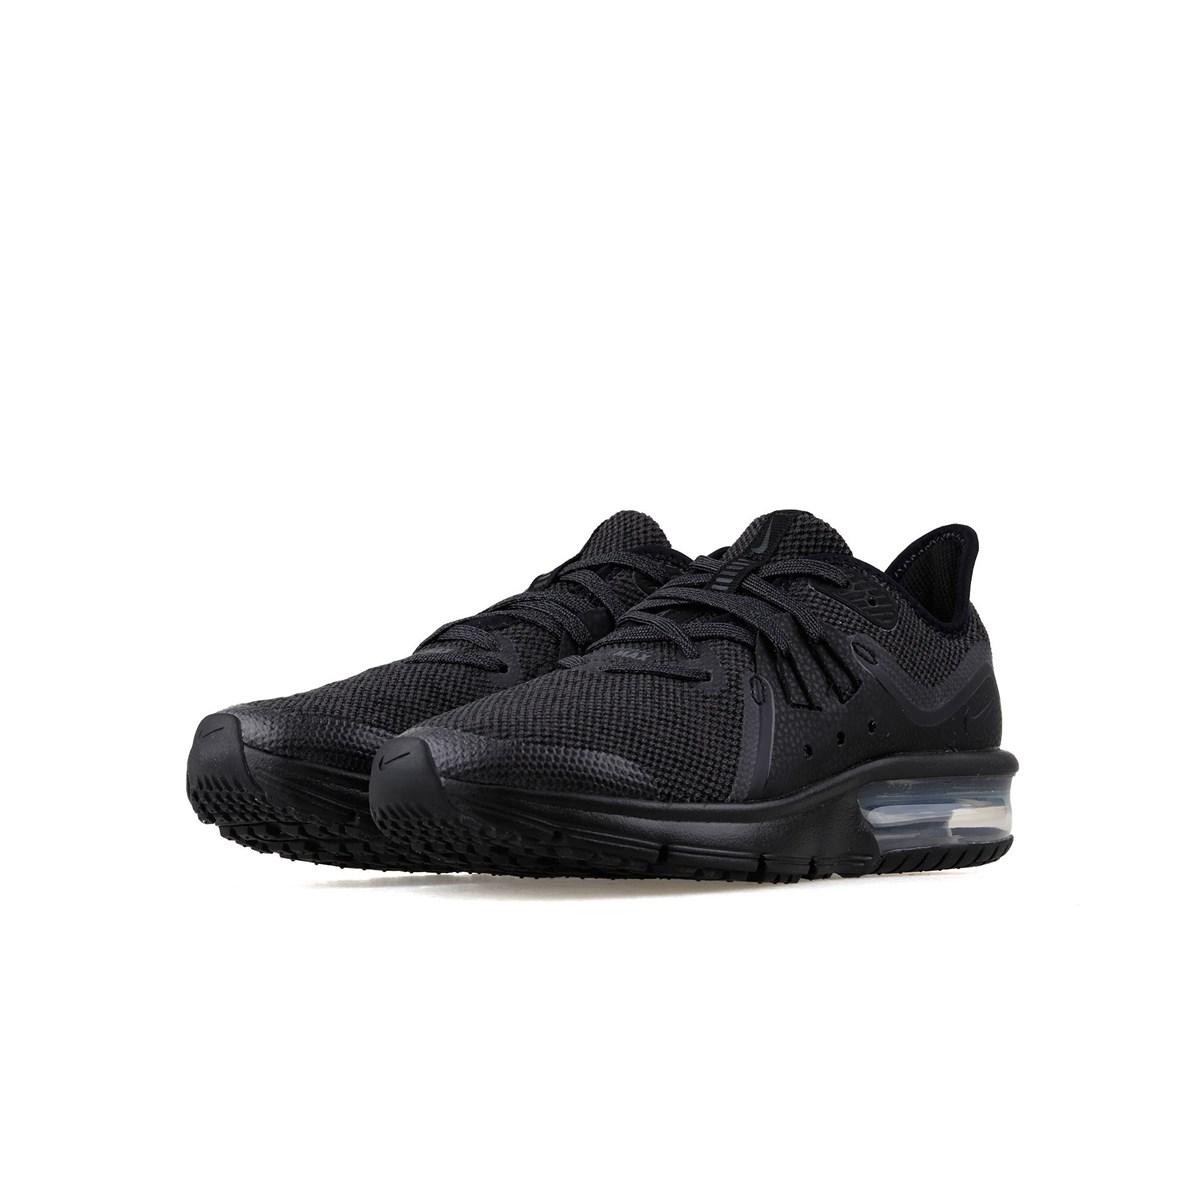 Air Max Sequent 3 Kadın Siyah Spor Ayakkabı